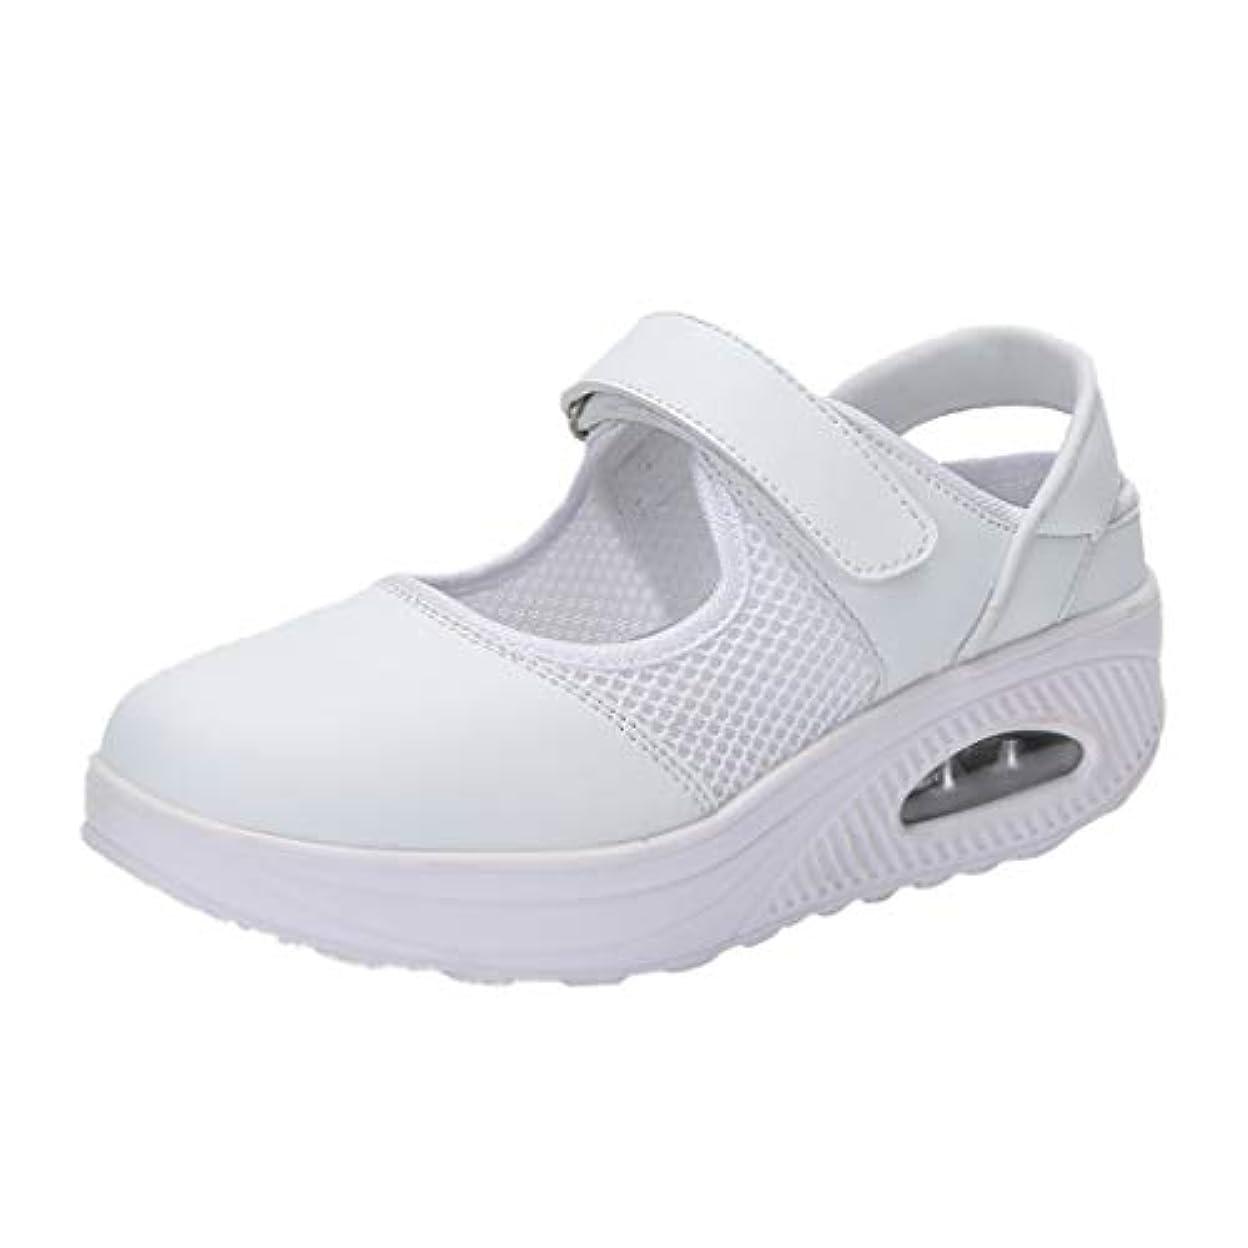 朝の体操をするハードウェアしたがってナースシューズ liqiuxiang お母さん 婦人靴 スボーツスニーカー ウォーキングシューズ 看護師 作業靴 軽量 マジックタイプ スニーカーサンダル ケアセフティ レディース